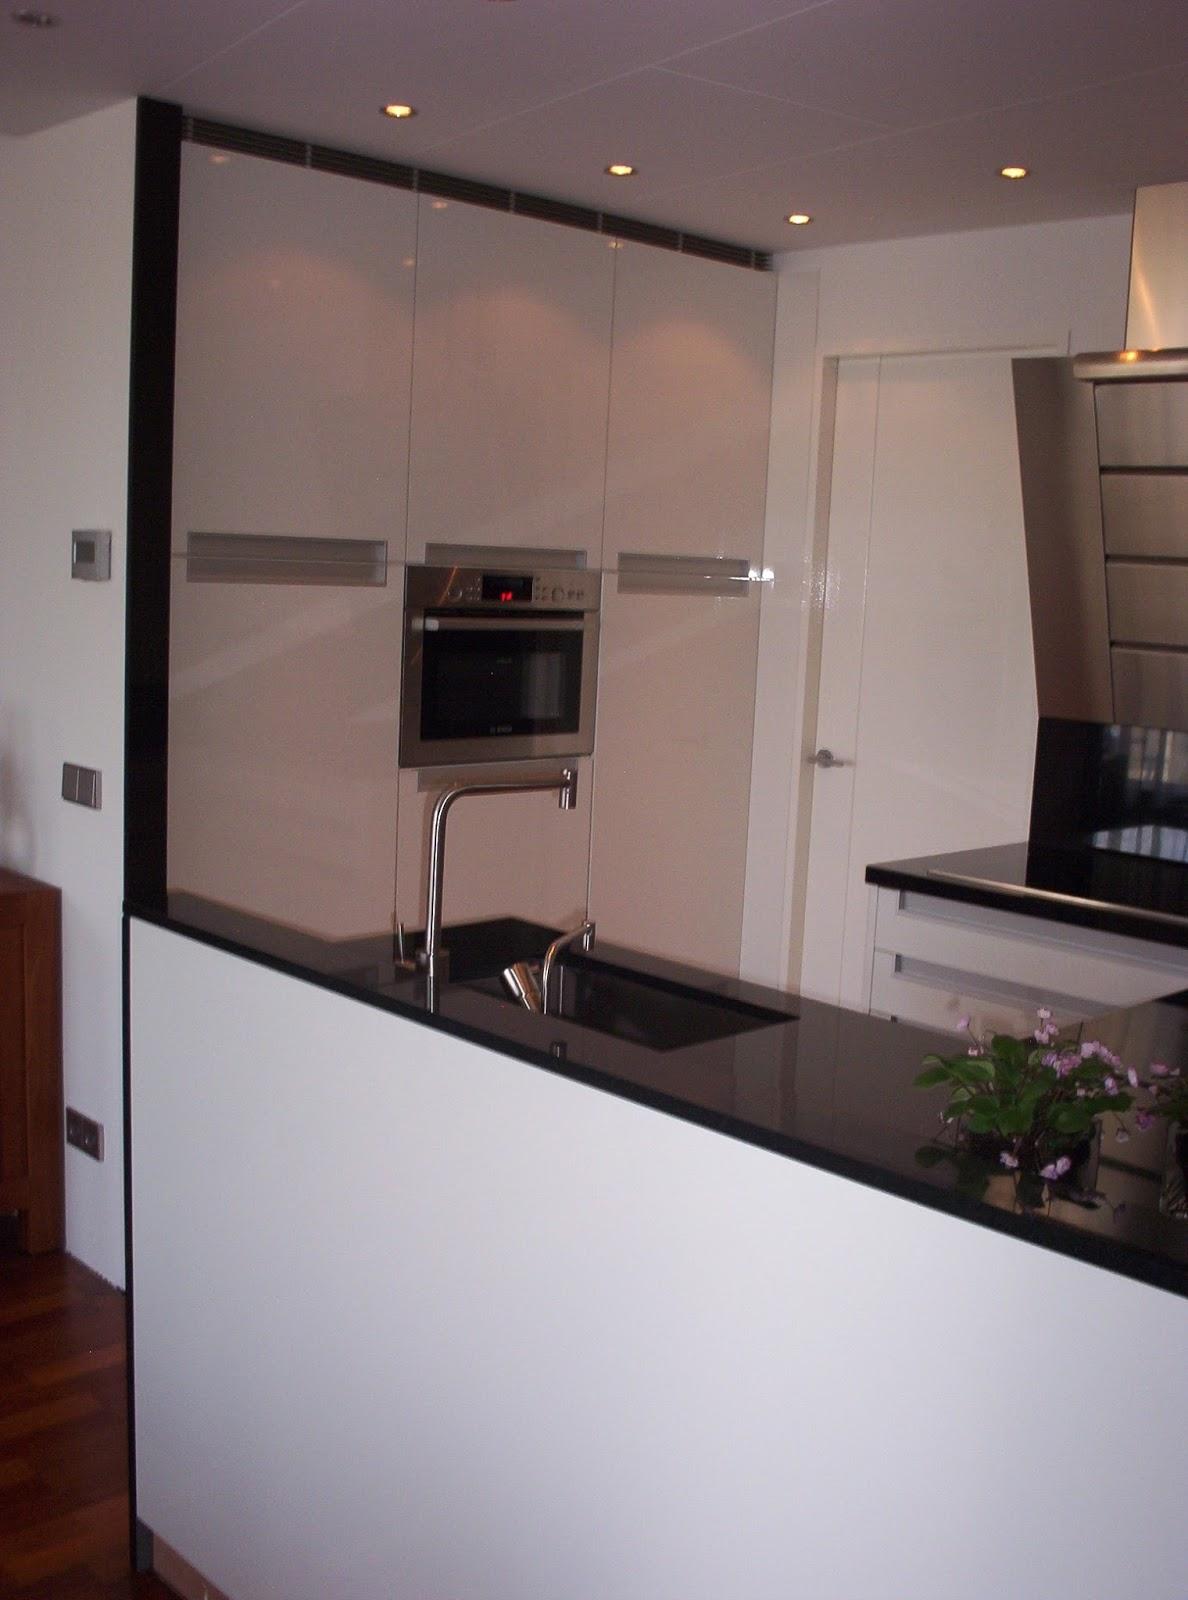 Rvs Keuken Wand : Rvs keukenwand ikea. Rvs keuken wandkraan. Rvs ...